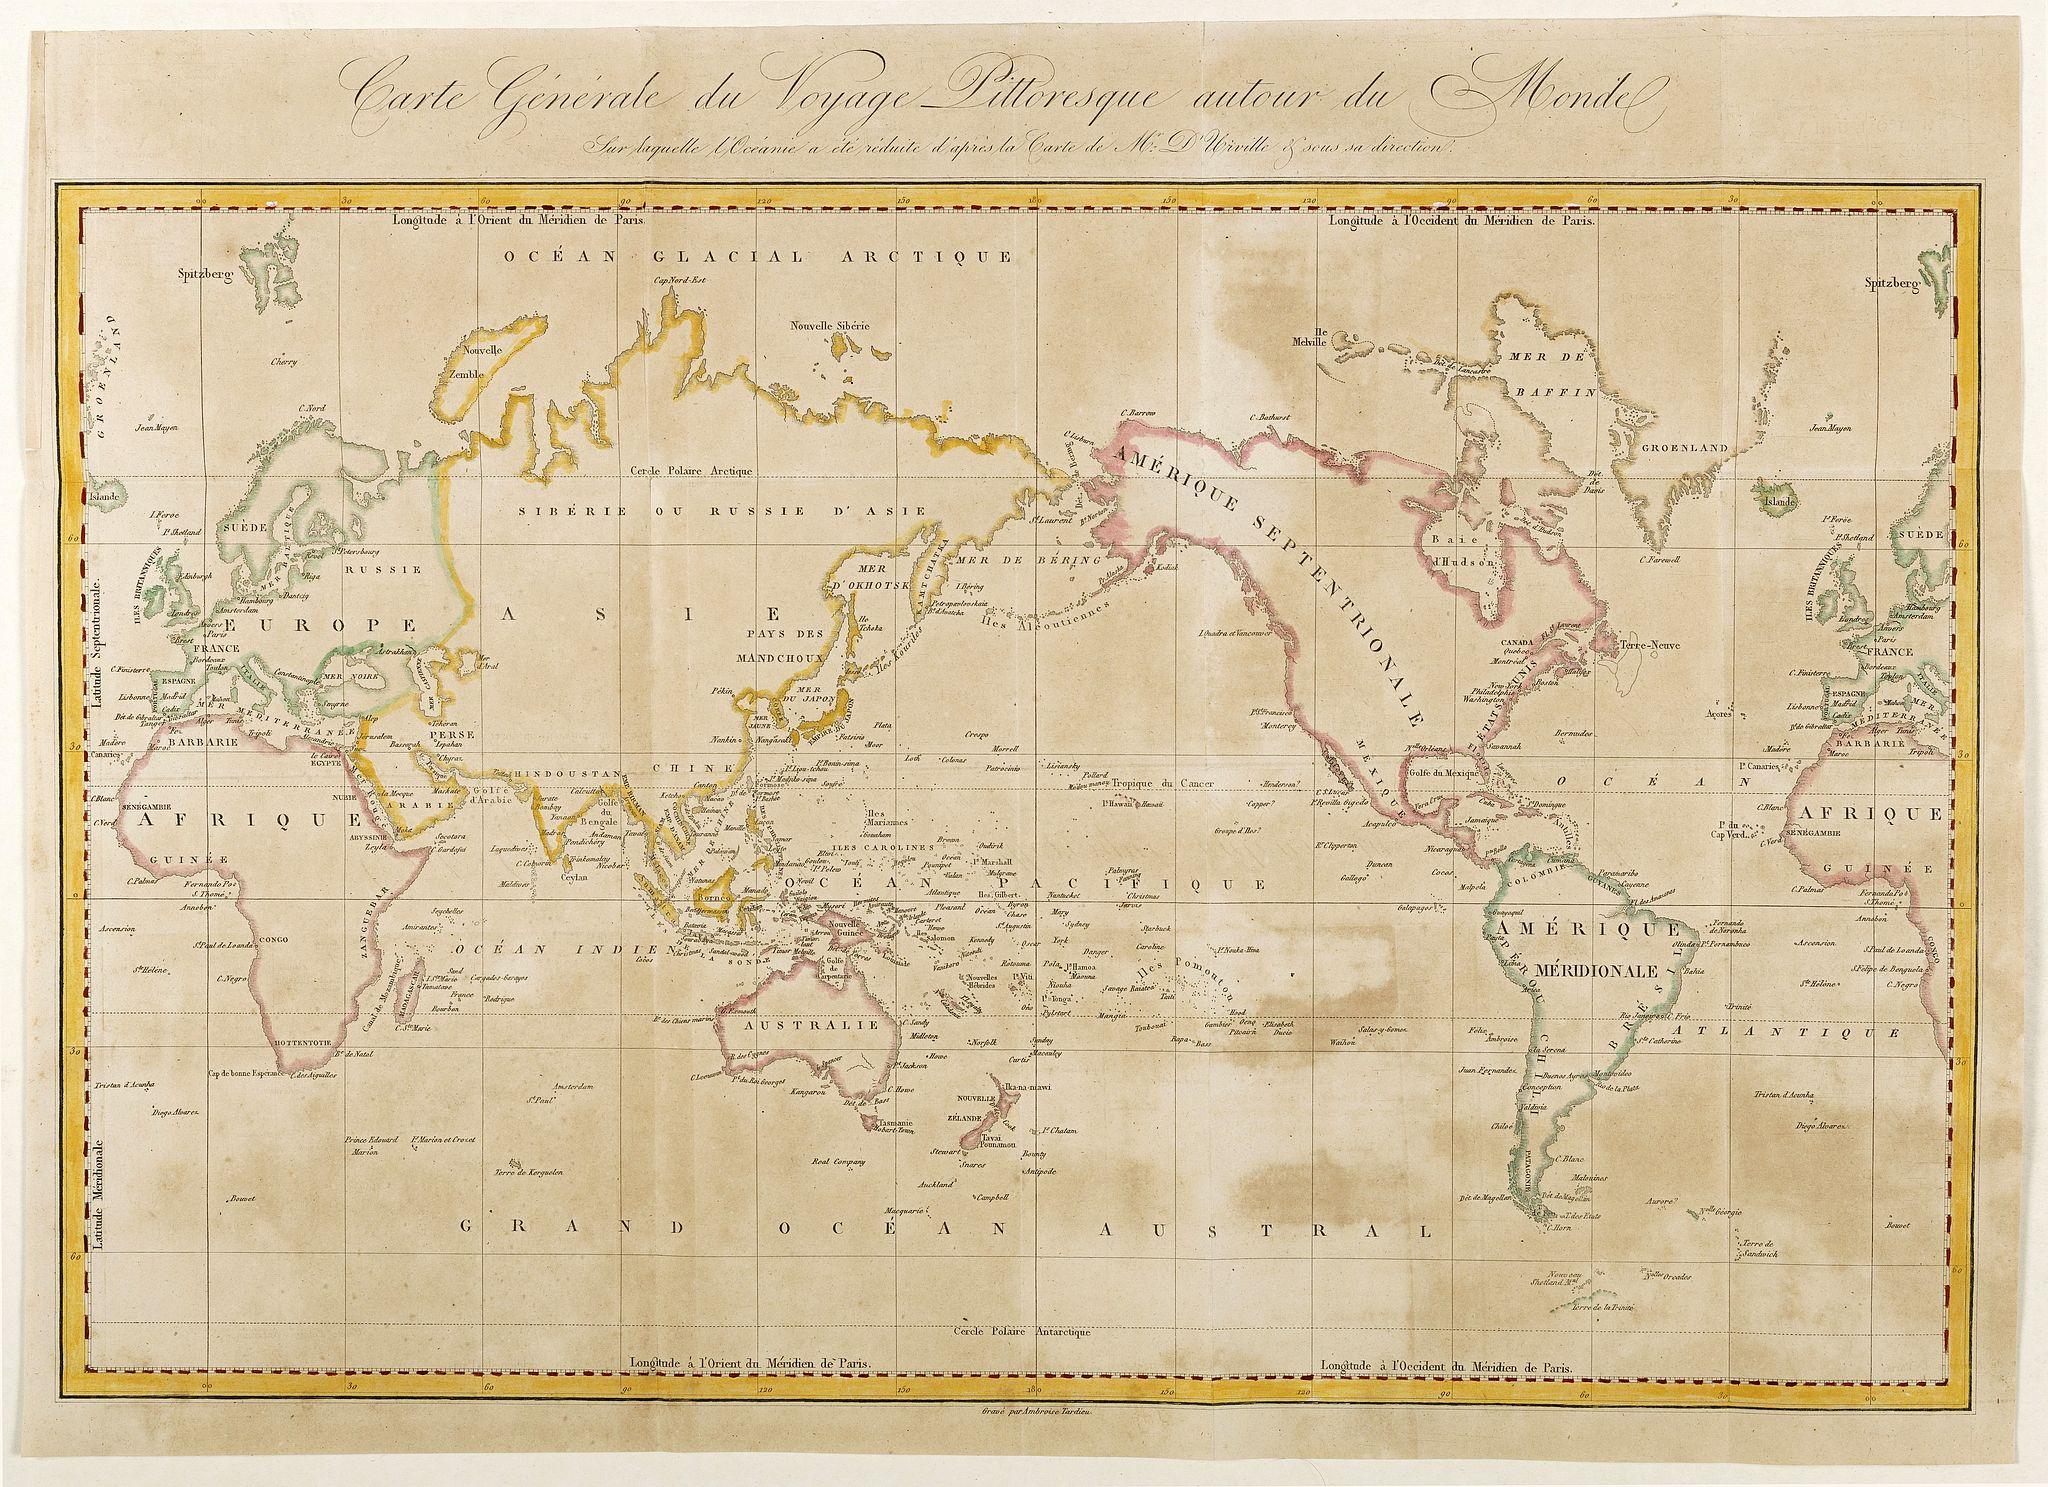 DUMONT D'URVILLE, J. (after) -  Carte Générale de Voyage Pittoresque Autour du Monde.